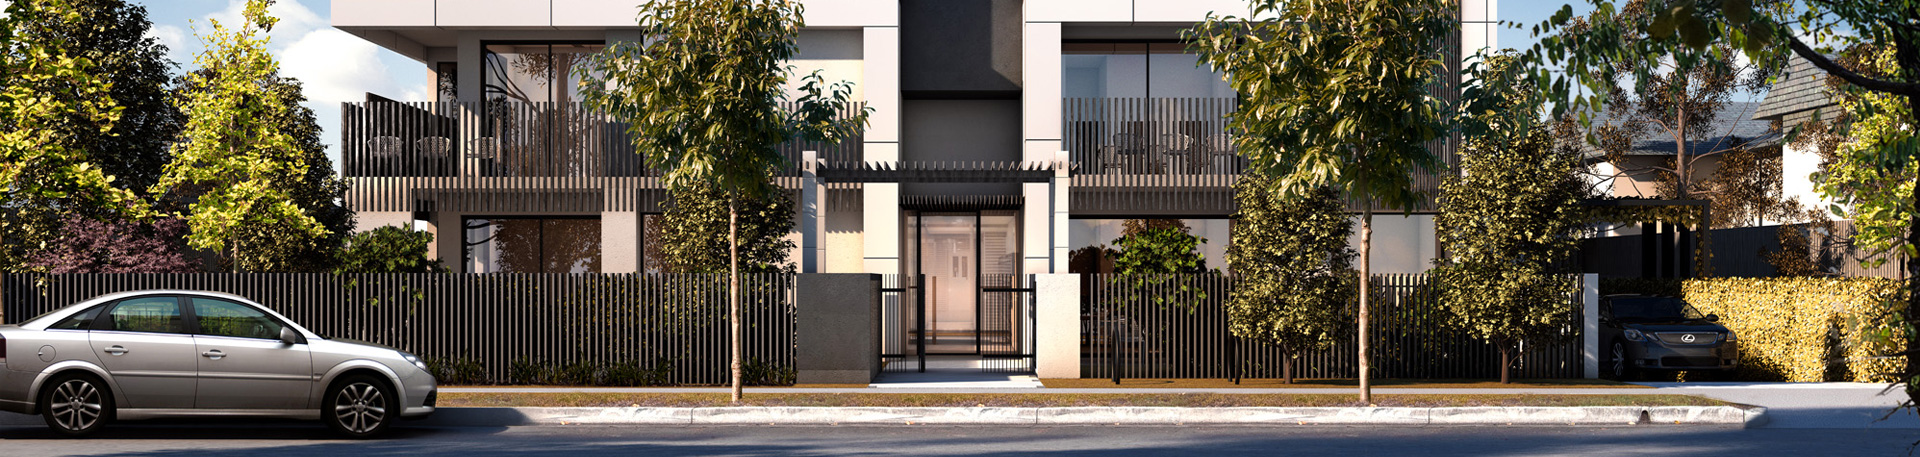 Crisp Apartments